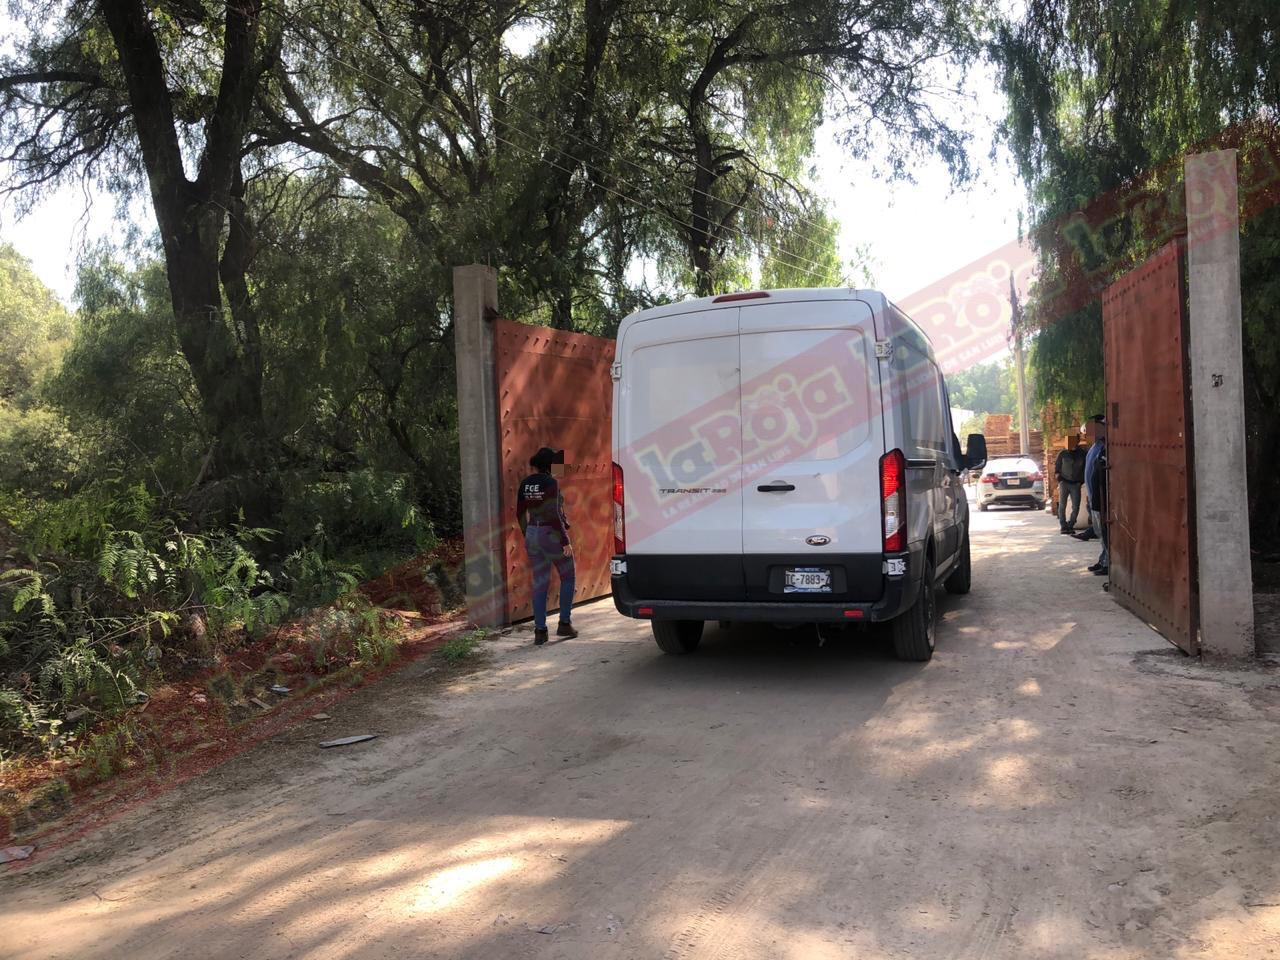 Matan a golpes al vigilante de una empresa en la Colonia Tercera Chica